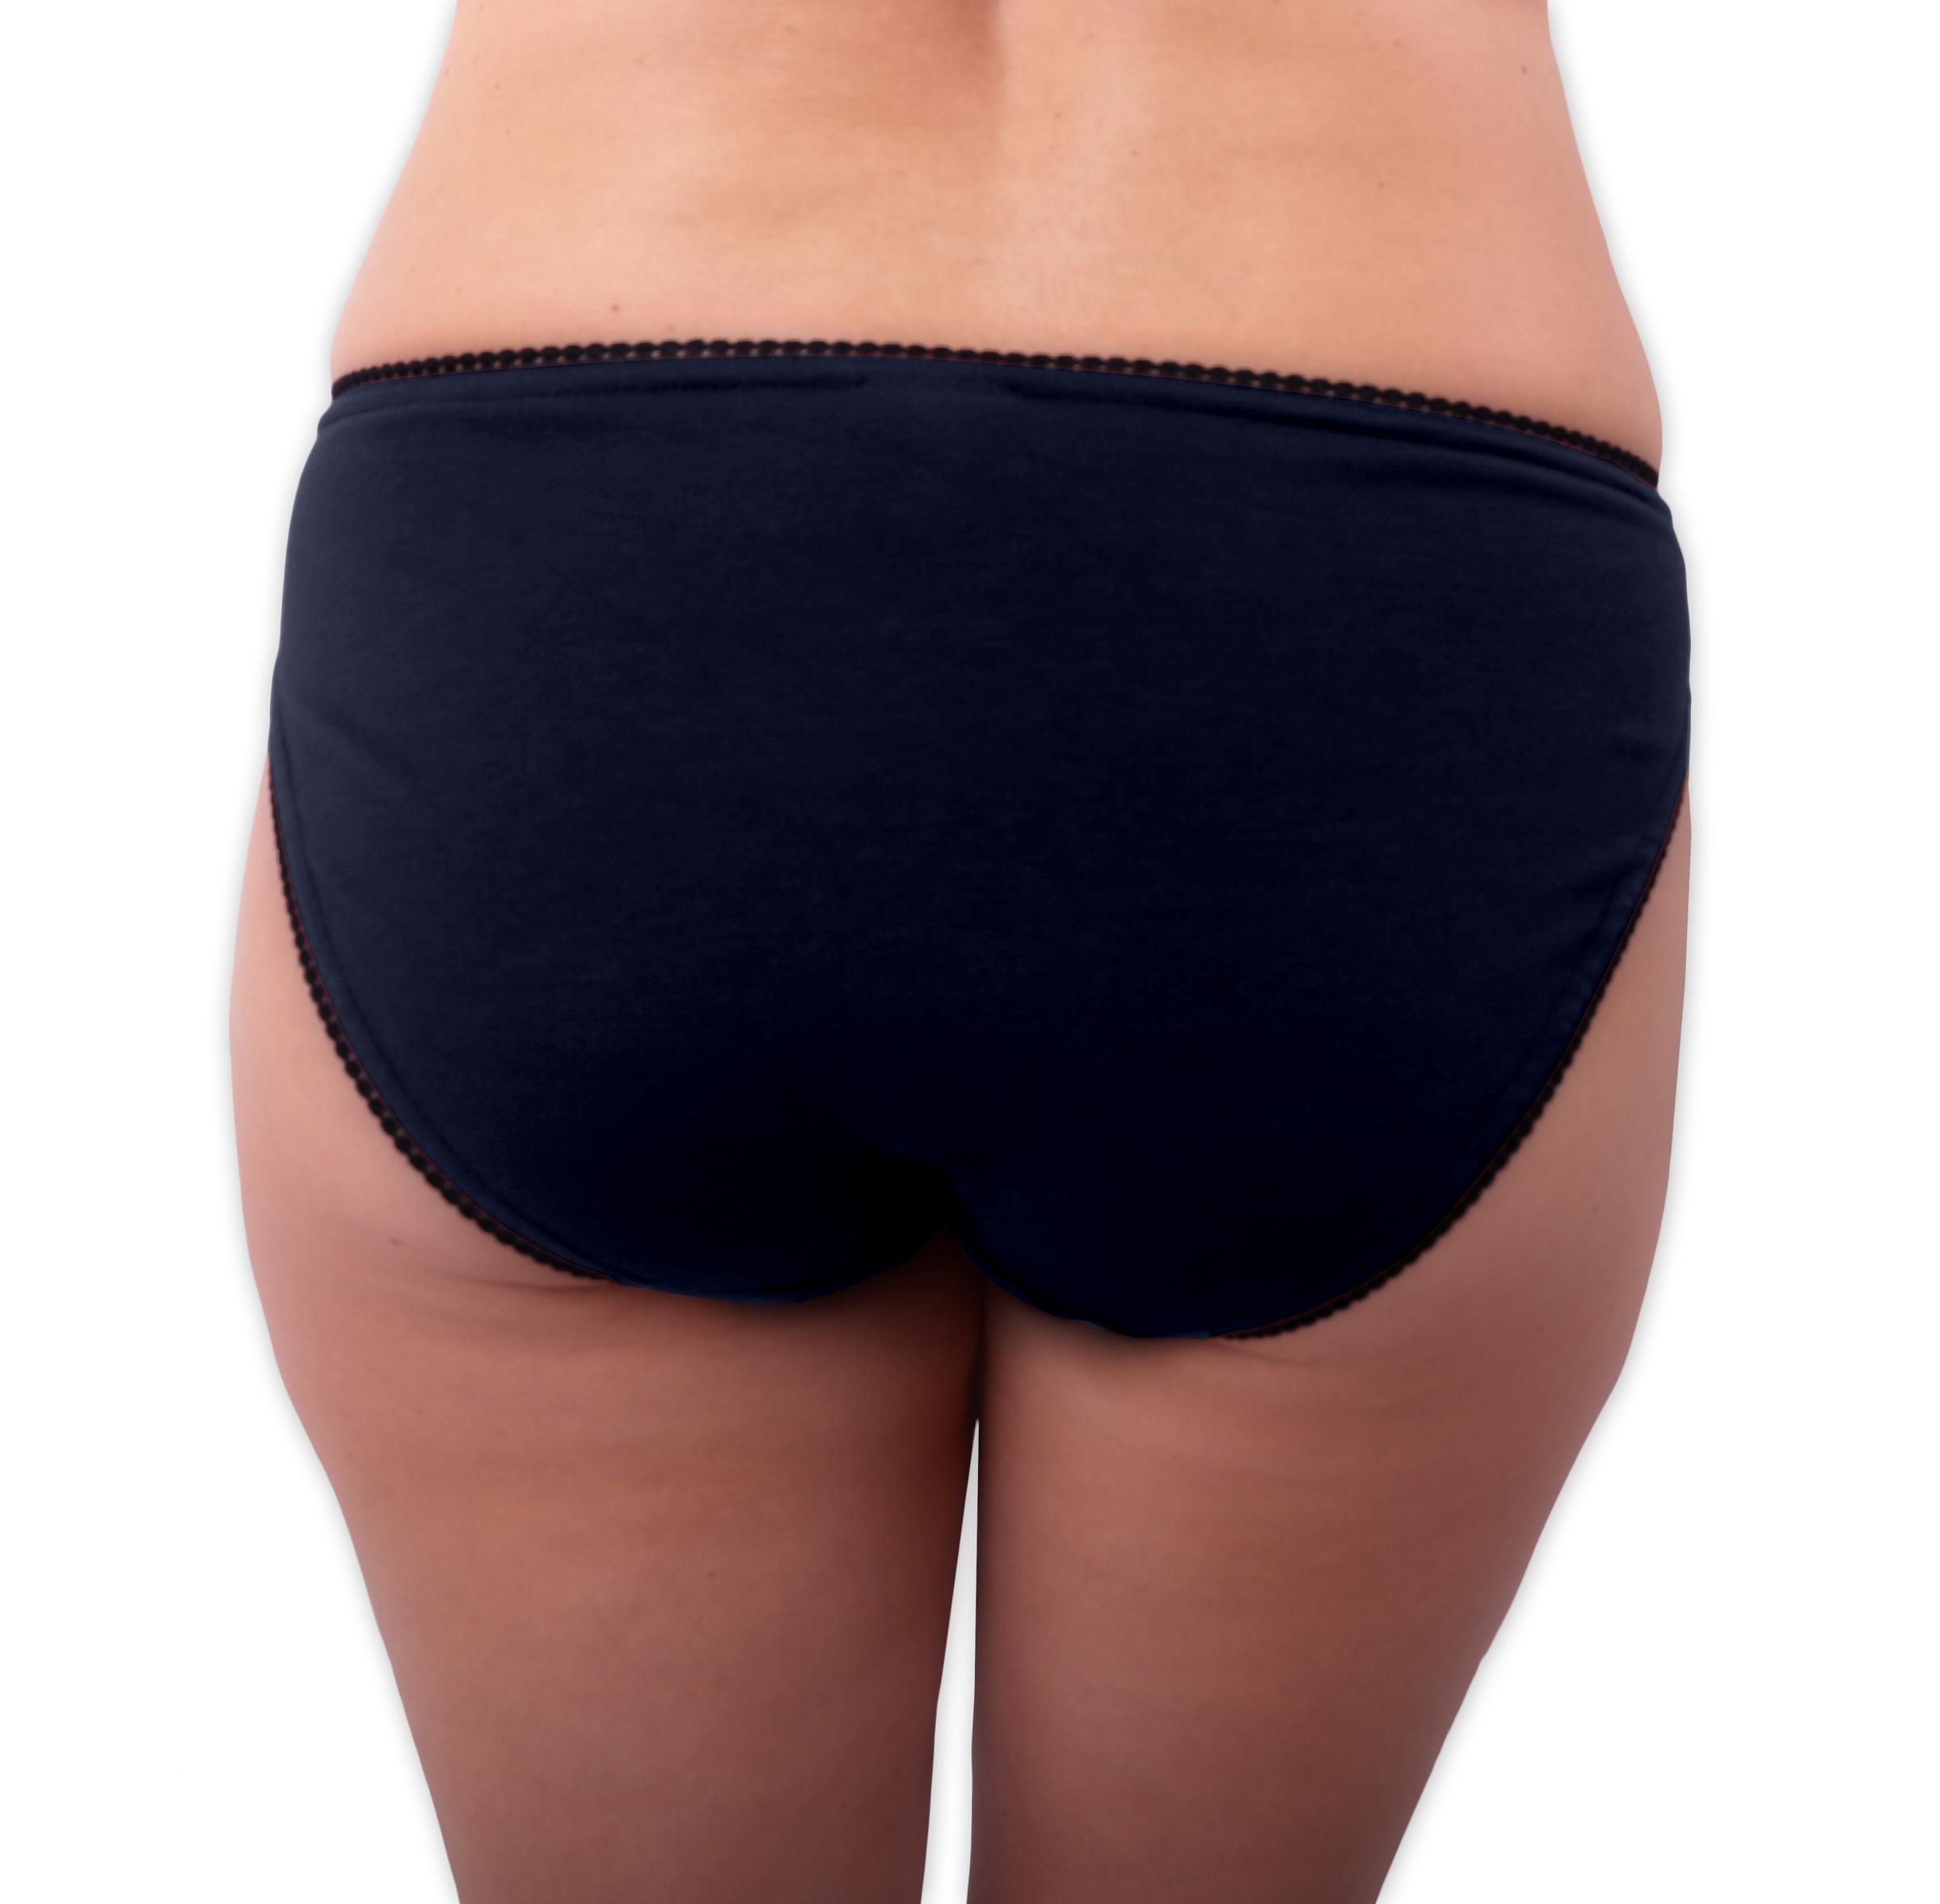 Dámské kalhotky bavlněné, klasický střih, tmavě modré, 40